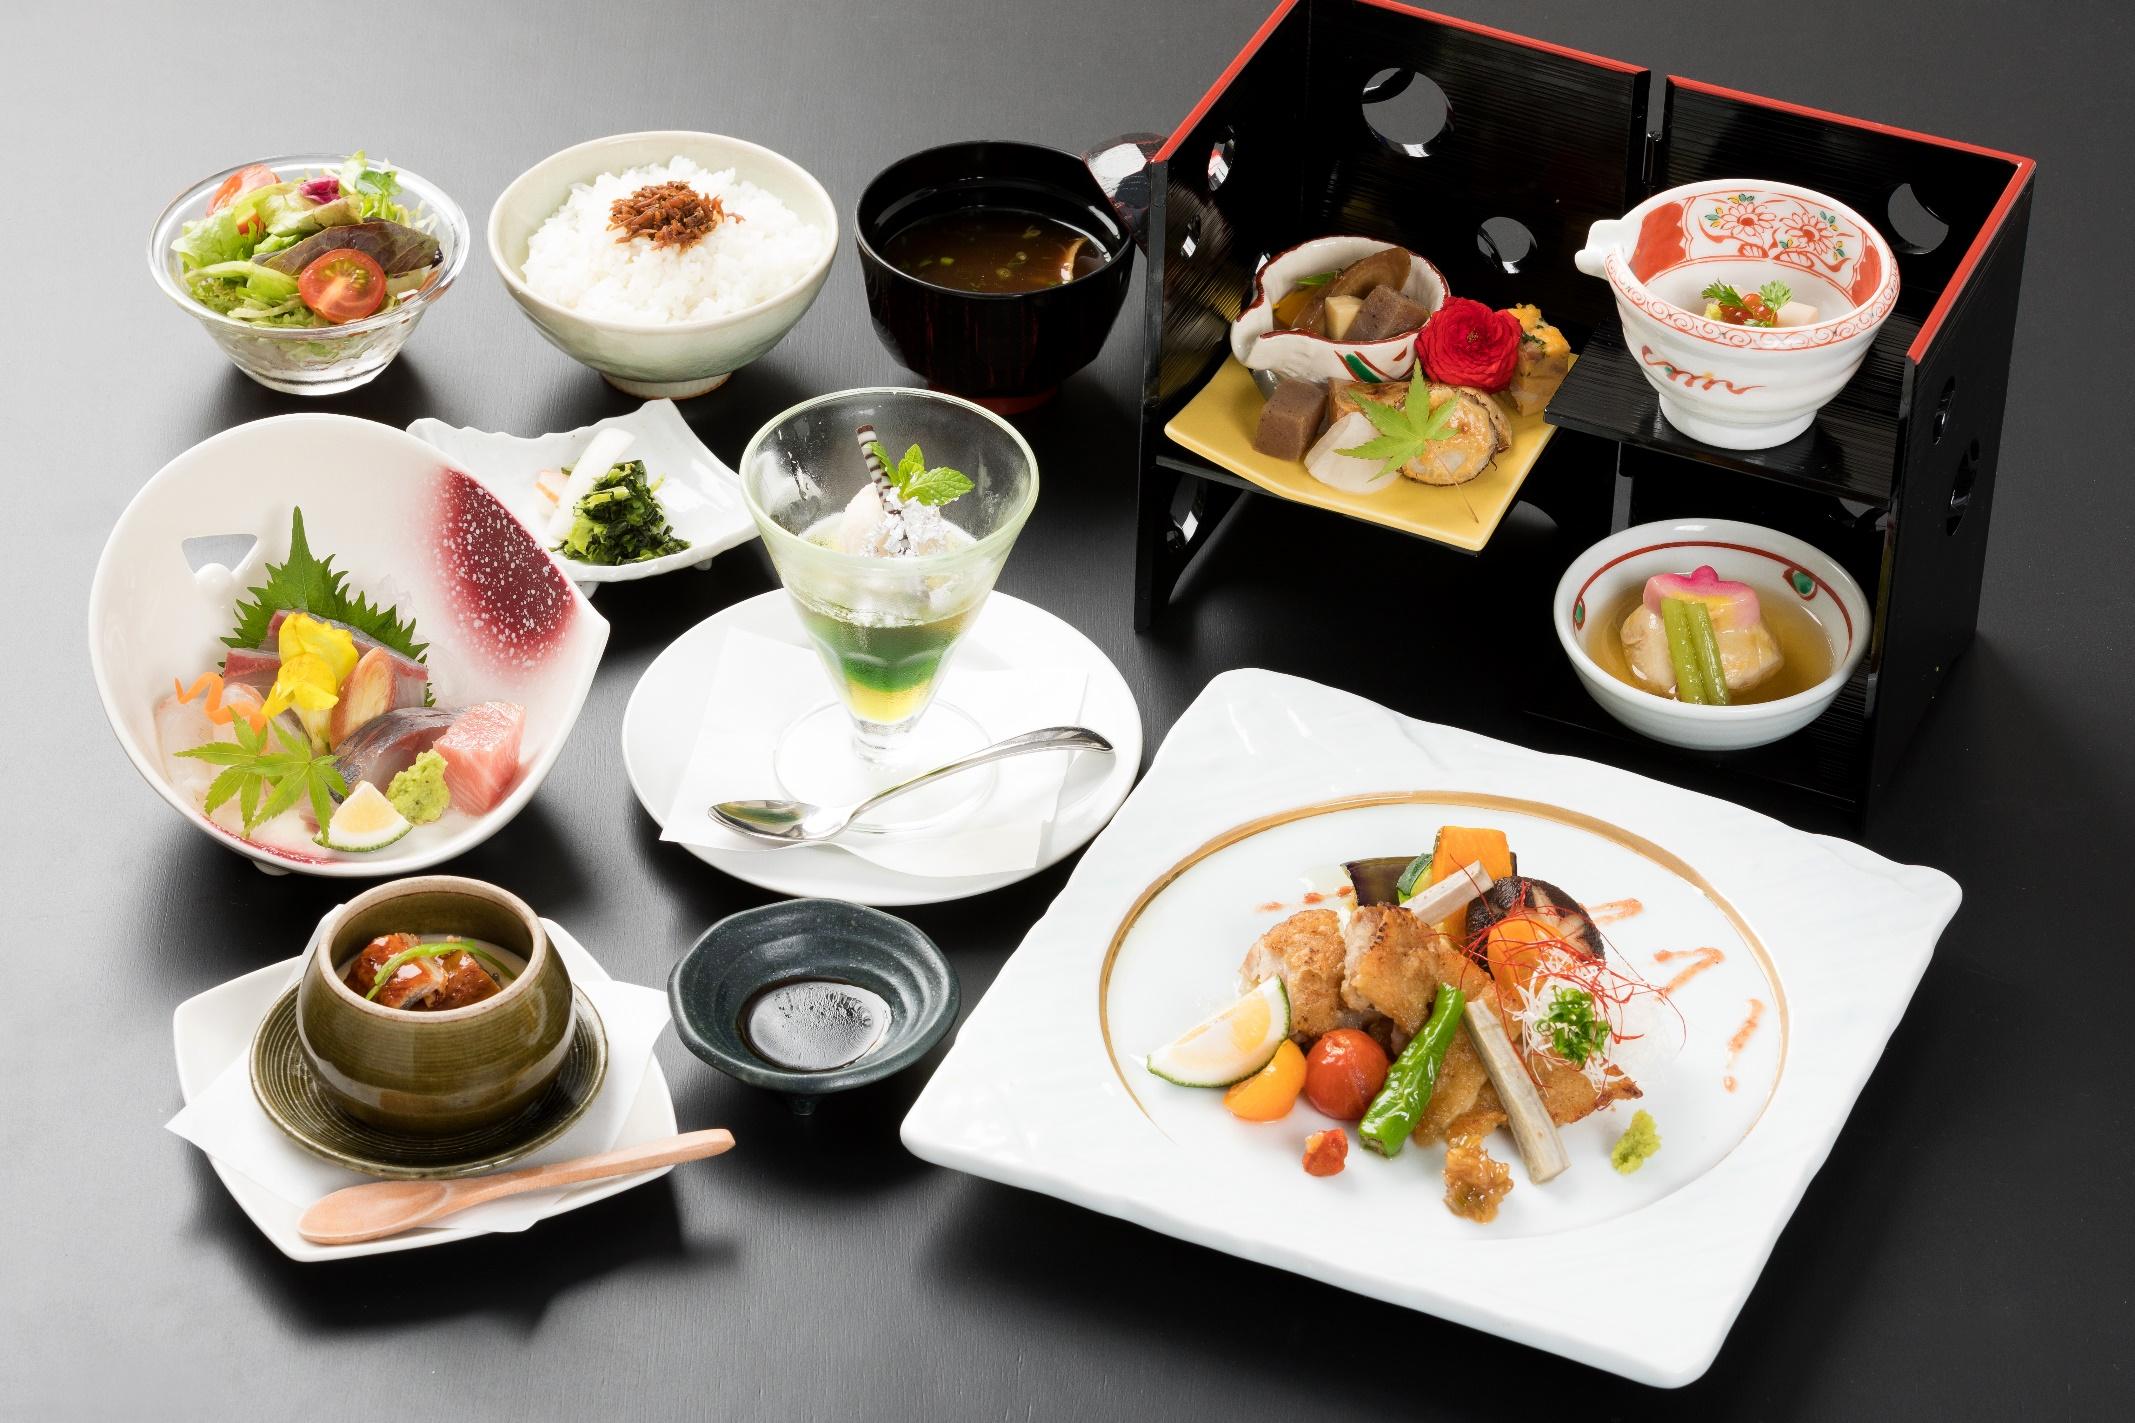 選べる会席4000円「冠地鶏もろみソースかけ(梅味噌)」の料理写真